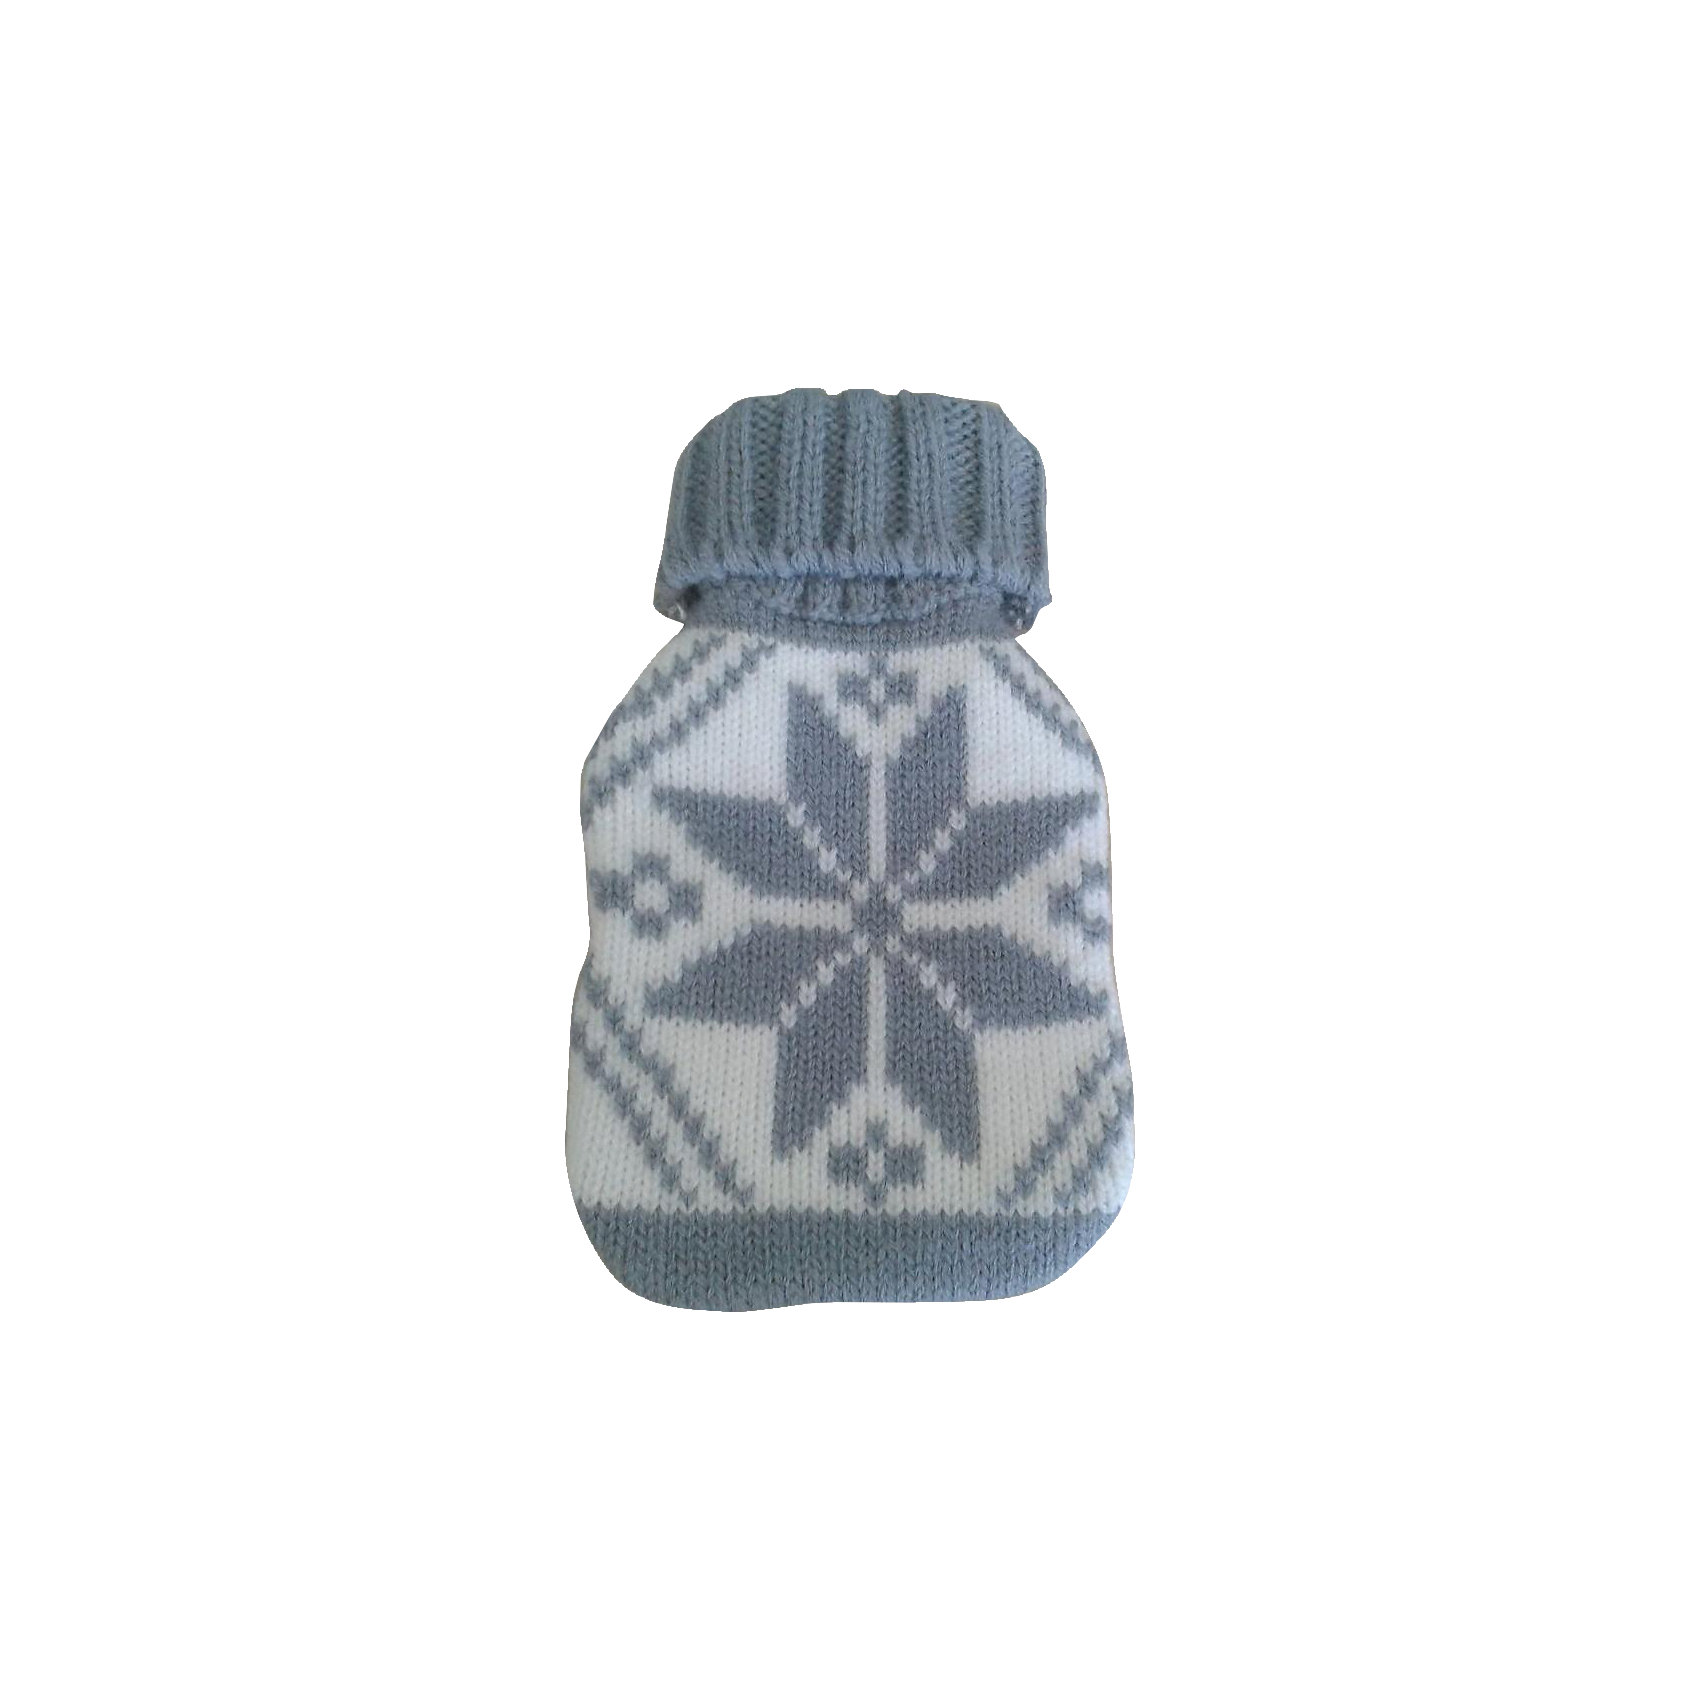 Гелевая грелка для рук Снежинка 7*12 см, Magic HomeПерчатки, варежки<br>Грелка представляет собой прочный герметичный пластиковый пакет, наполненный нетоксичным веществом. В растворе находится кнопка – активатор, представляющая собой металлическую мембрану в пластиковом корпусе. При  нажатии на нее происходит безопасная химическая реакция: образуется центр кристаллизации, вызывая фазовый переход раствора из жидкого состояния в твердое с выделением тепла и разогревом до + 54?С. Чтобы вернуть грелку в обычное состояние, нужно обернуть ее полотенцем и прокипятить до полного исчезновения кристаллов (10-20 мин.). Грелка станет прекрасным подарком на любой праздник. <br><br>Дополнительная информация:<br><br>- Материал: ацетат натрия, металл. <br>- Размер: 7х12 см.<br>- Выделение тепла: до температуры +54°C<br>- Возвращается в исходное состояние за 10-20 мин (кипячение). <br><br>Гелевую грелку для рук Снежинка, 7*12 см, можно купить в нашем магазине.<br><br>Ширина мм: 140<br>Глубина мм: 50<br>Высота мм: 100<br>Вес г: 100<br>Возраст от месяцев: 216<br>Возраст до месяцев: 1200<br>Пол: Унисекс<br>Возраст: Детский<br>SKU: 4290293